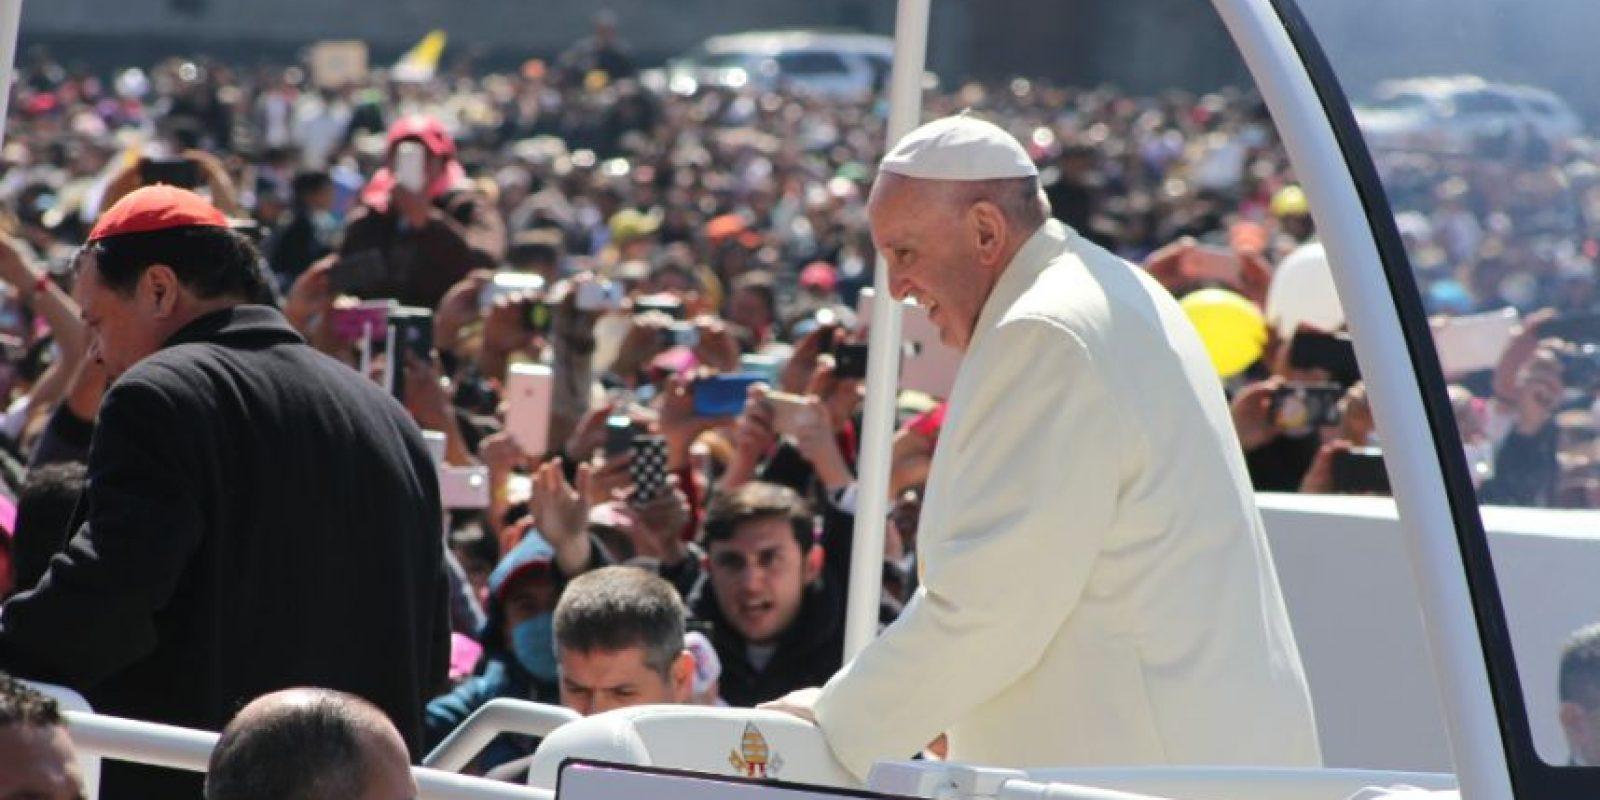 El Papa Francisco avanzó sobre Eje Central con rumbo a la nunciatura apostólica, ubicada en la colonia Guadalupe Inn de la delegación Álvaro Obregón. Foto:Nicolás Corte/ Publimetro